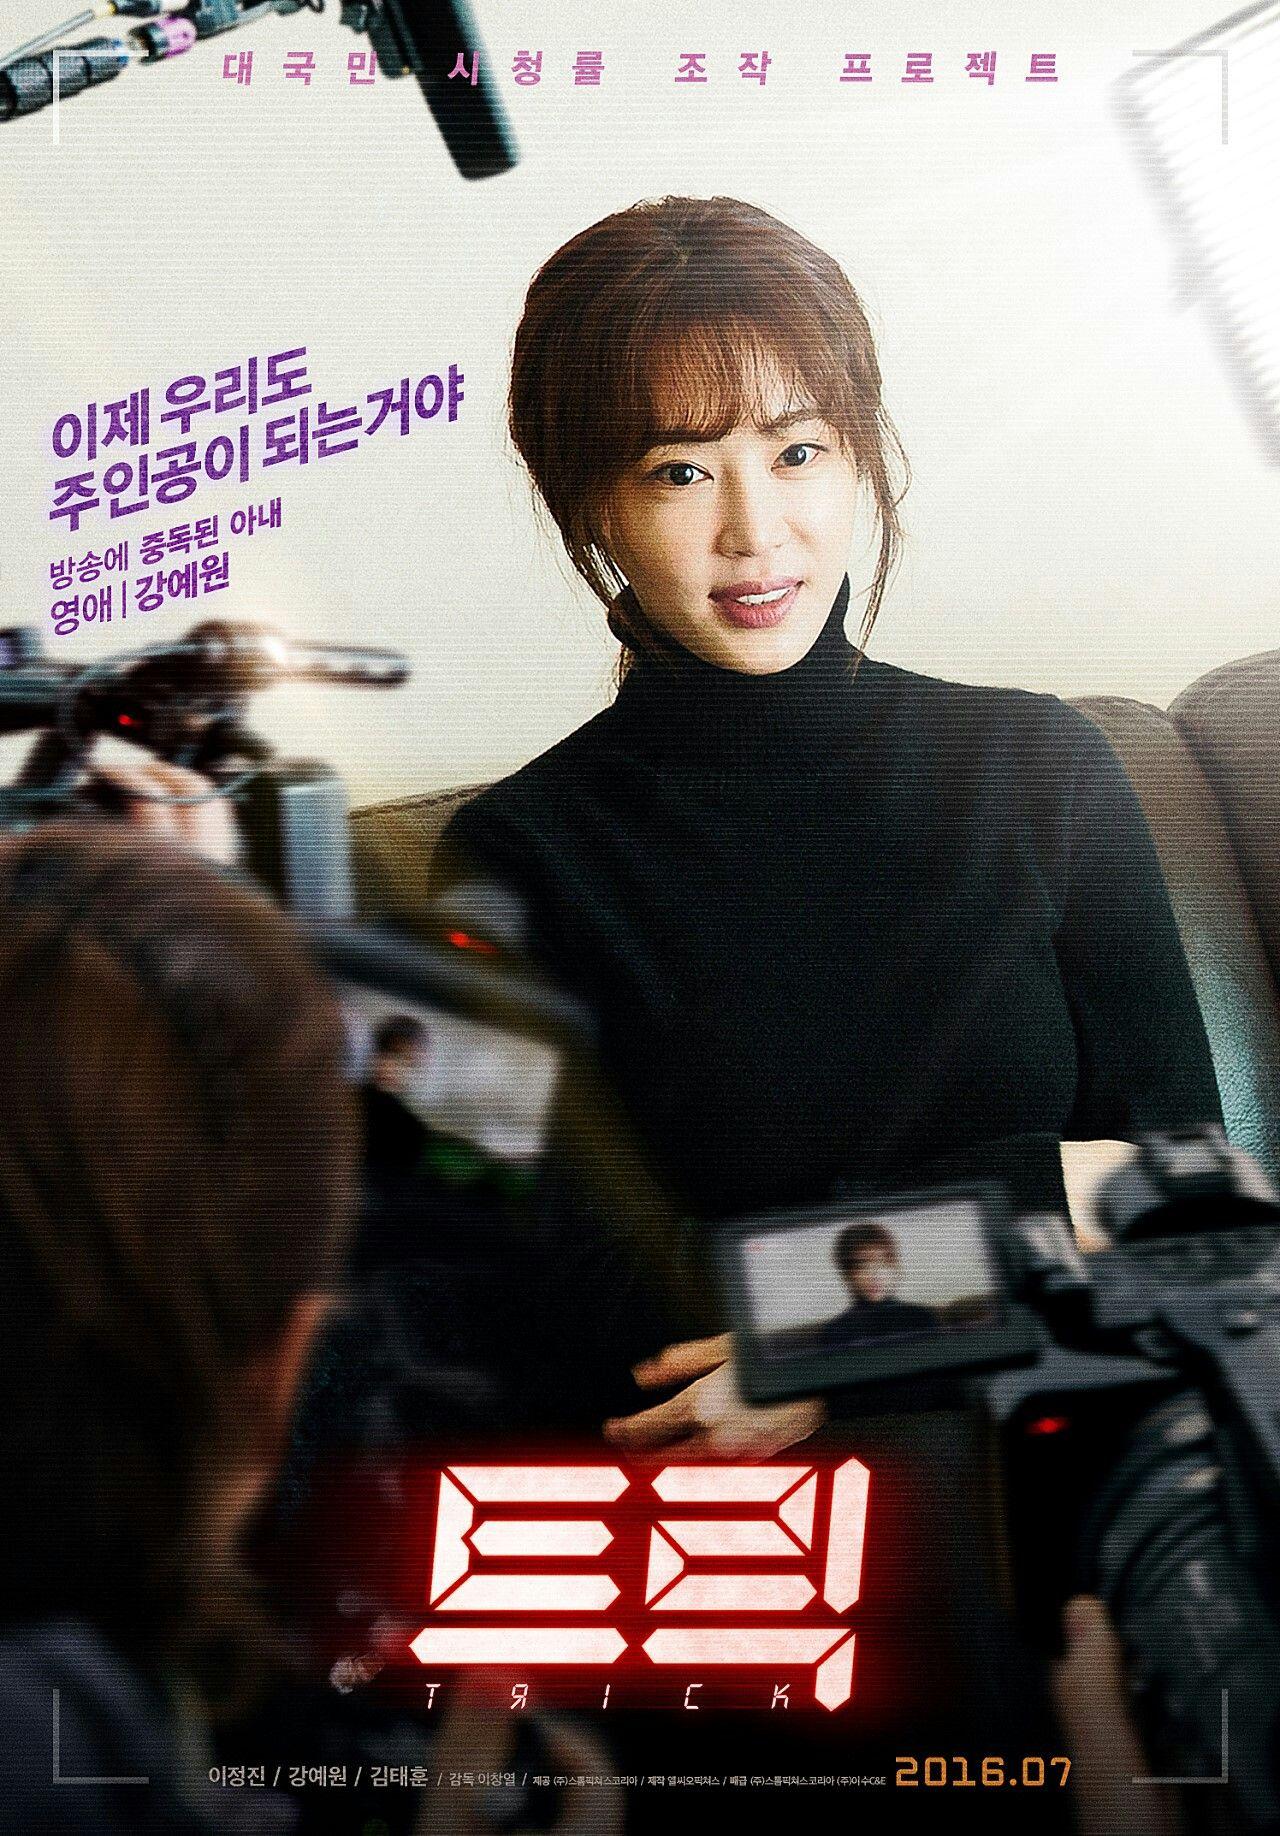 #트릭 #movie #korea